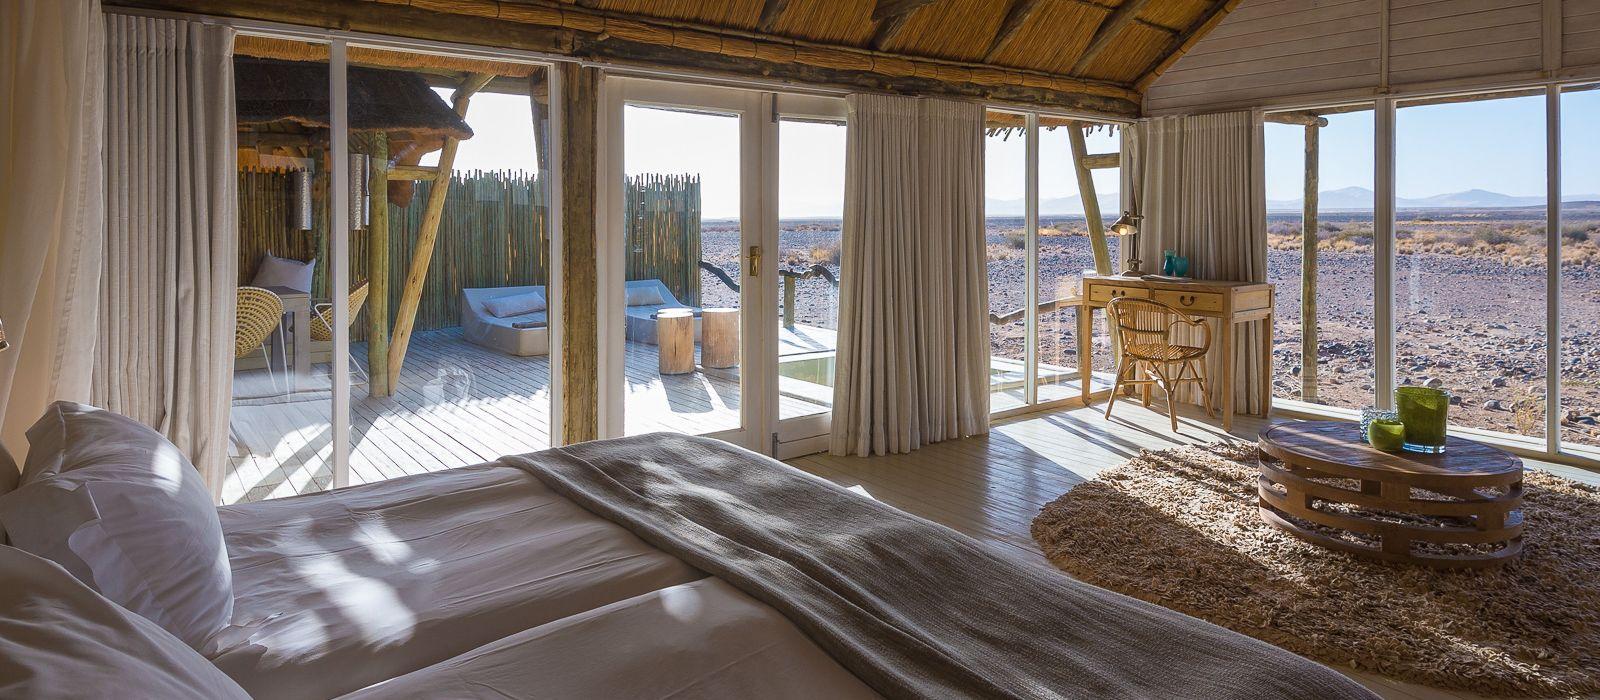 Hotel Little Kulala Namibia